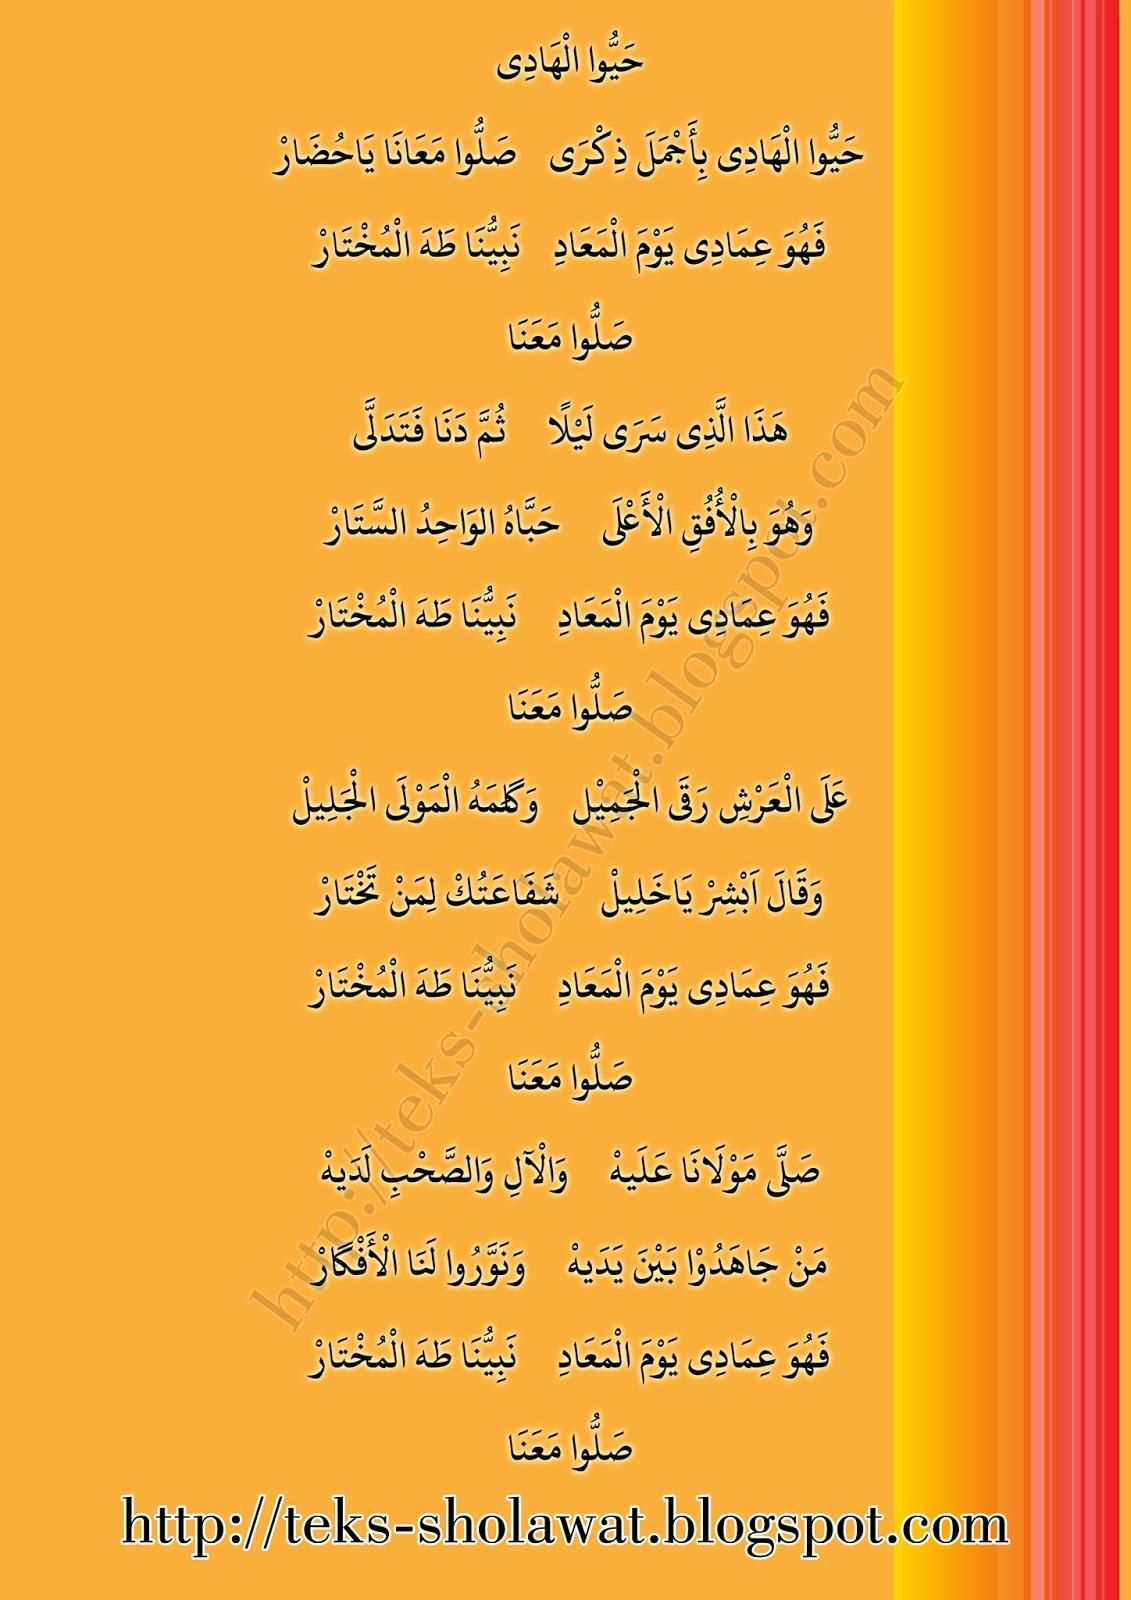 Teks Sholawat Hayyul Hadi Kumpulan Teks Sholawat